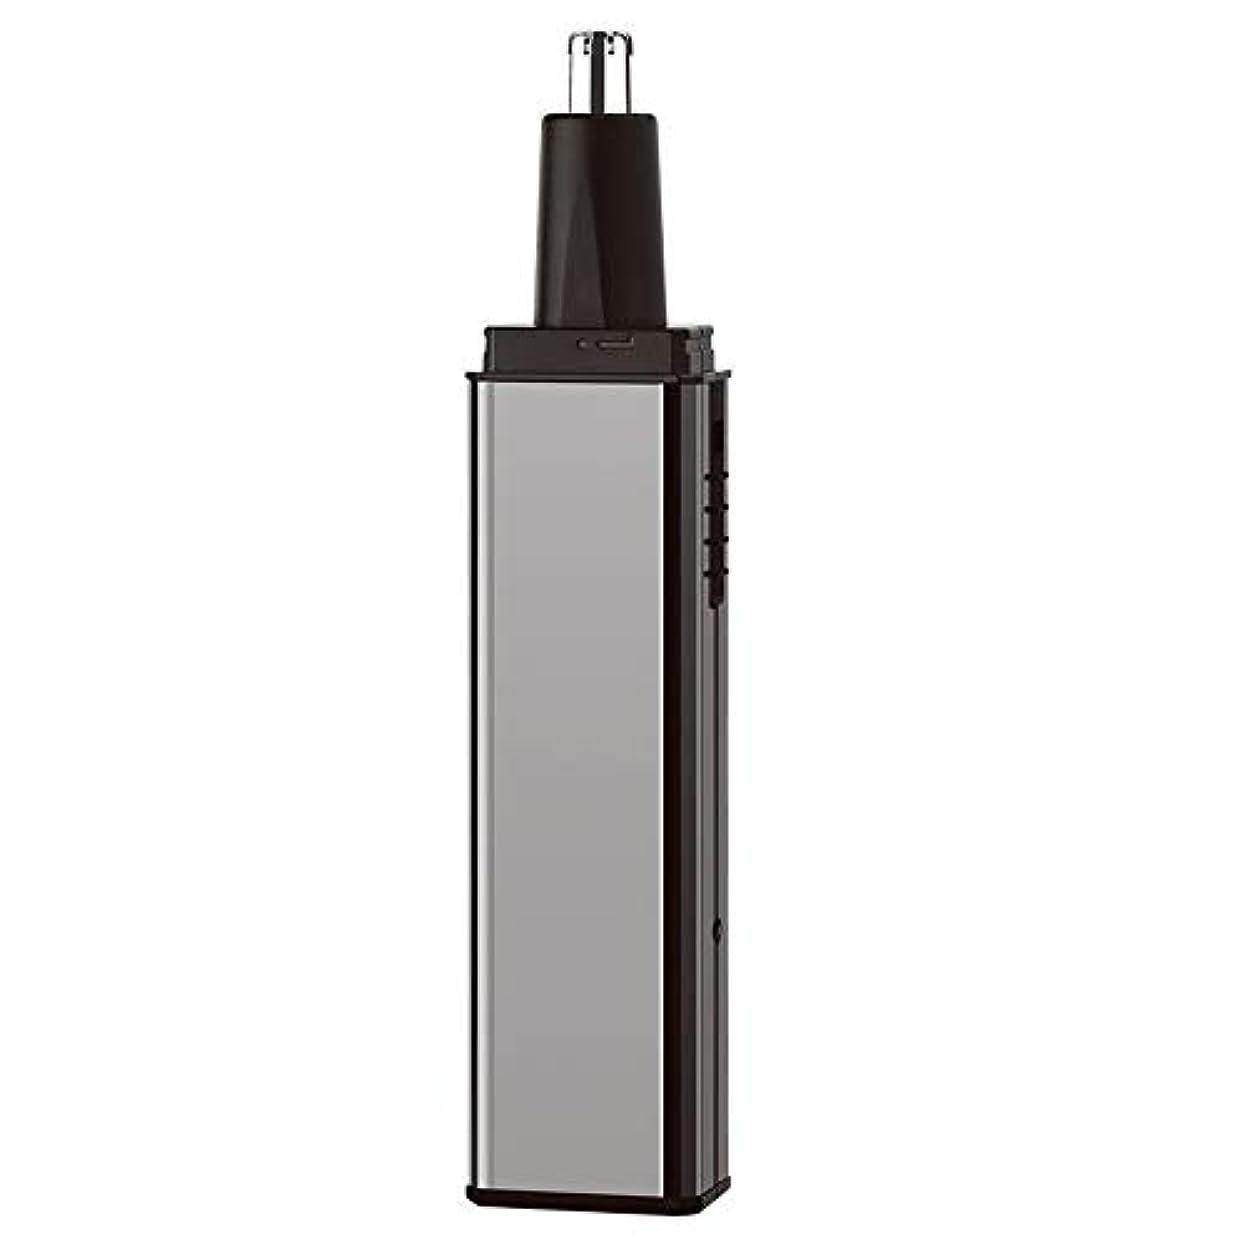 燃料クラス失効鼻毛トリマー-多機能スーツフォーインワン/電気鼻毛トリマー/ステンレススチール/多機能/ 13.5 * 2.7cm ユニークで斬新